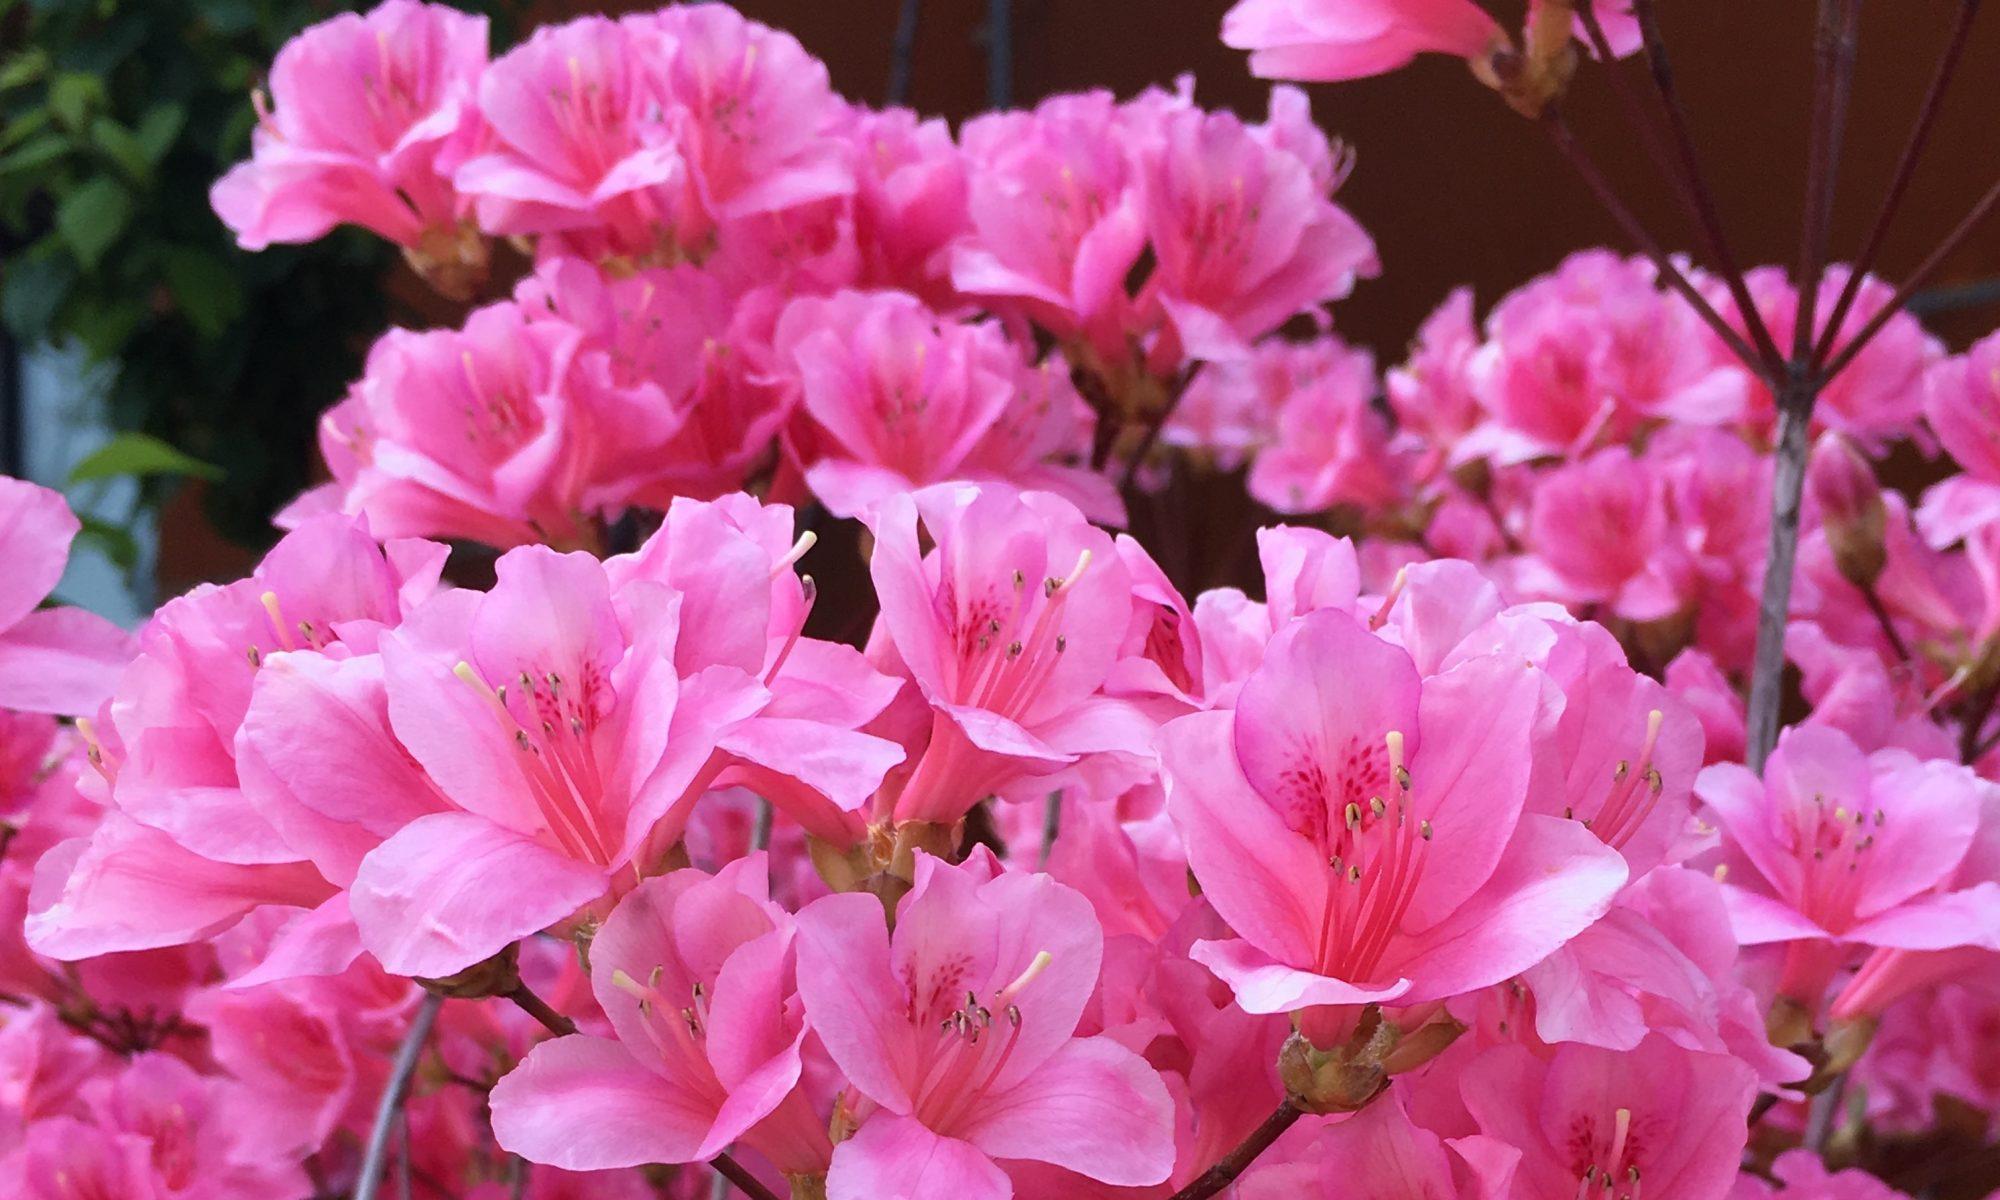 One Spring day, Jeju Island